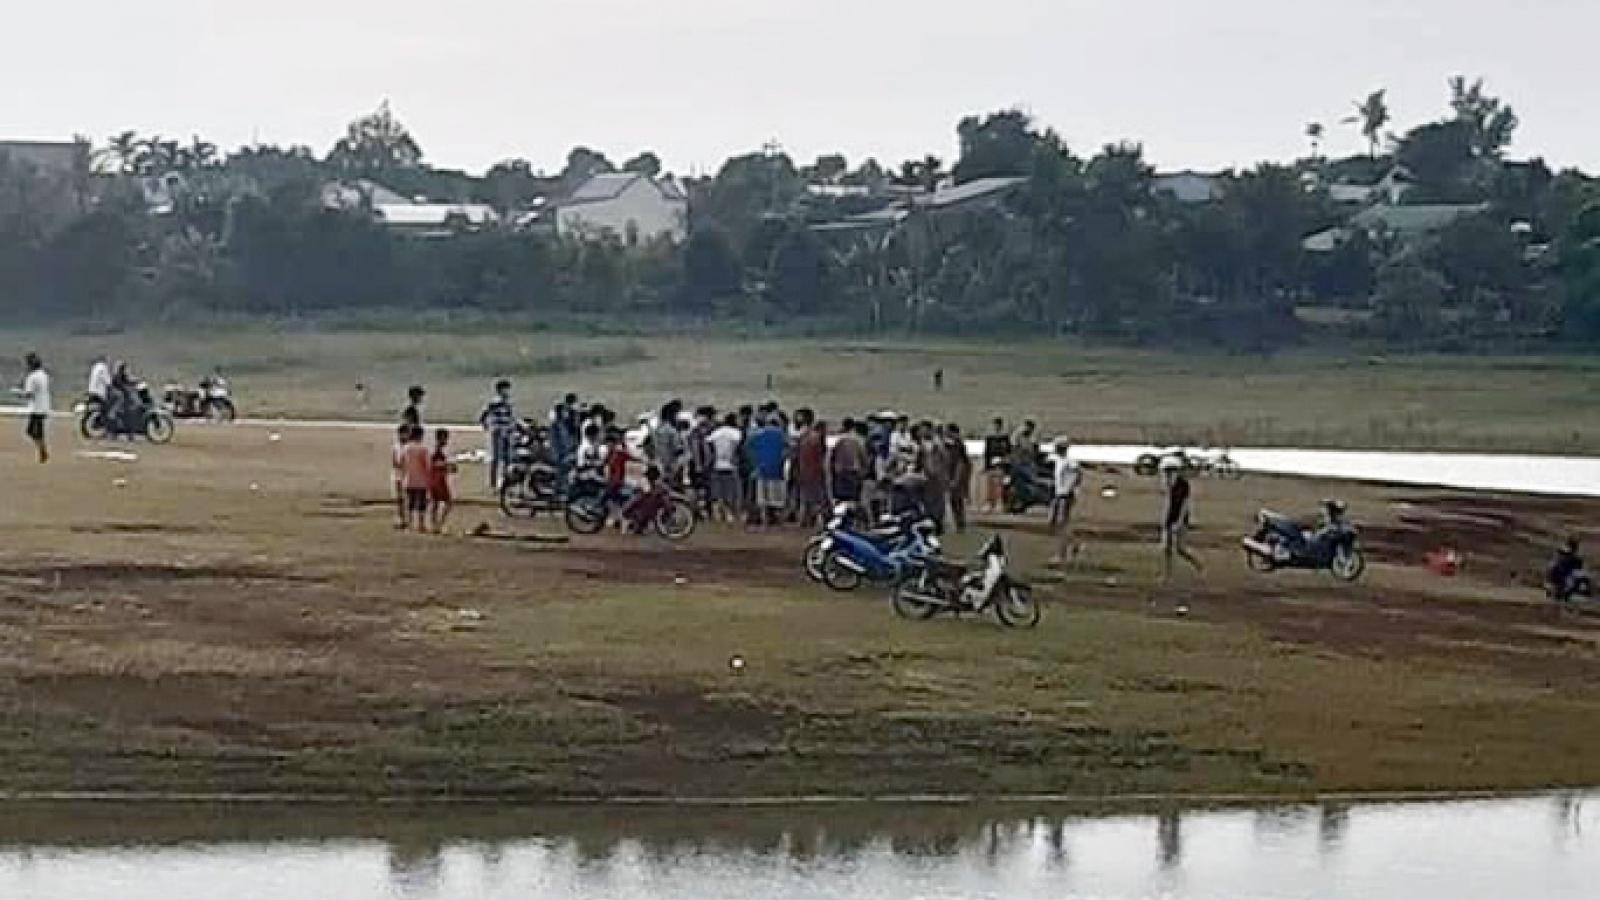 Nhóm học sinh đi chơi ở Biển Hồ, hai em đuối nước thương tâm